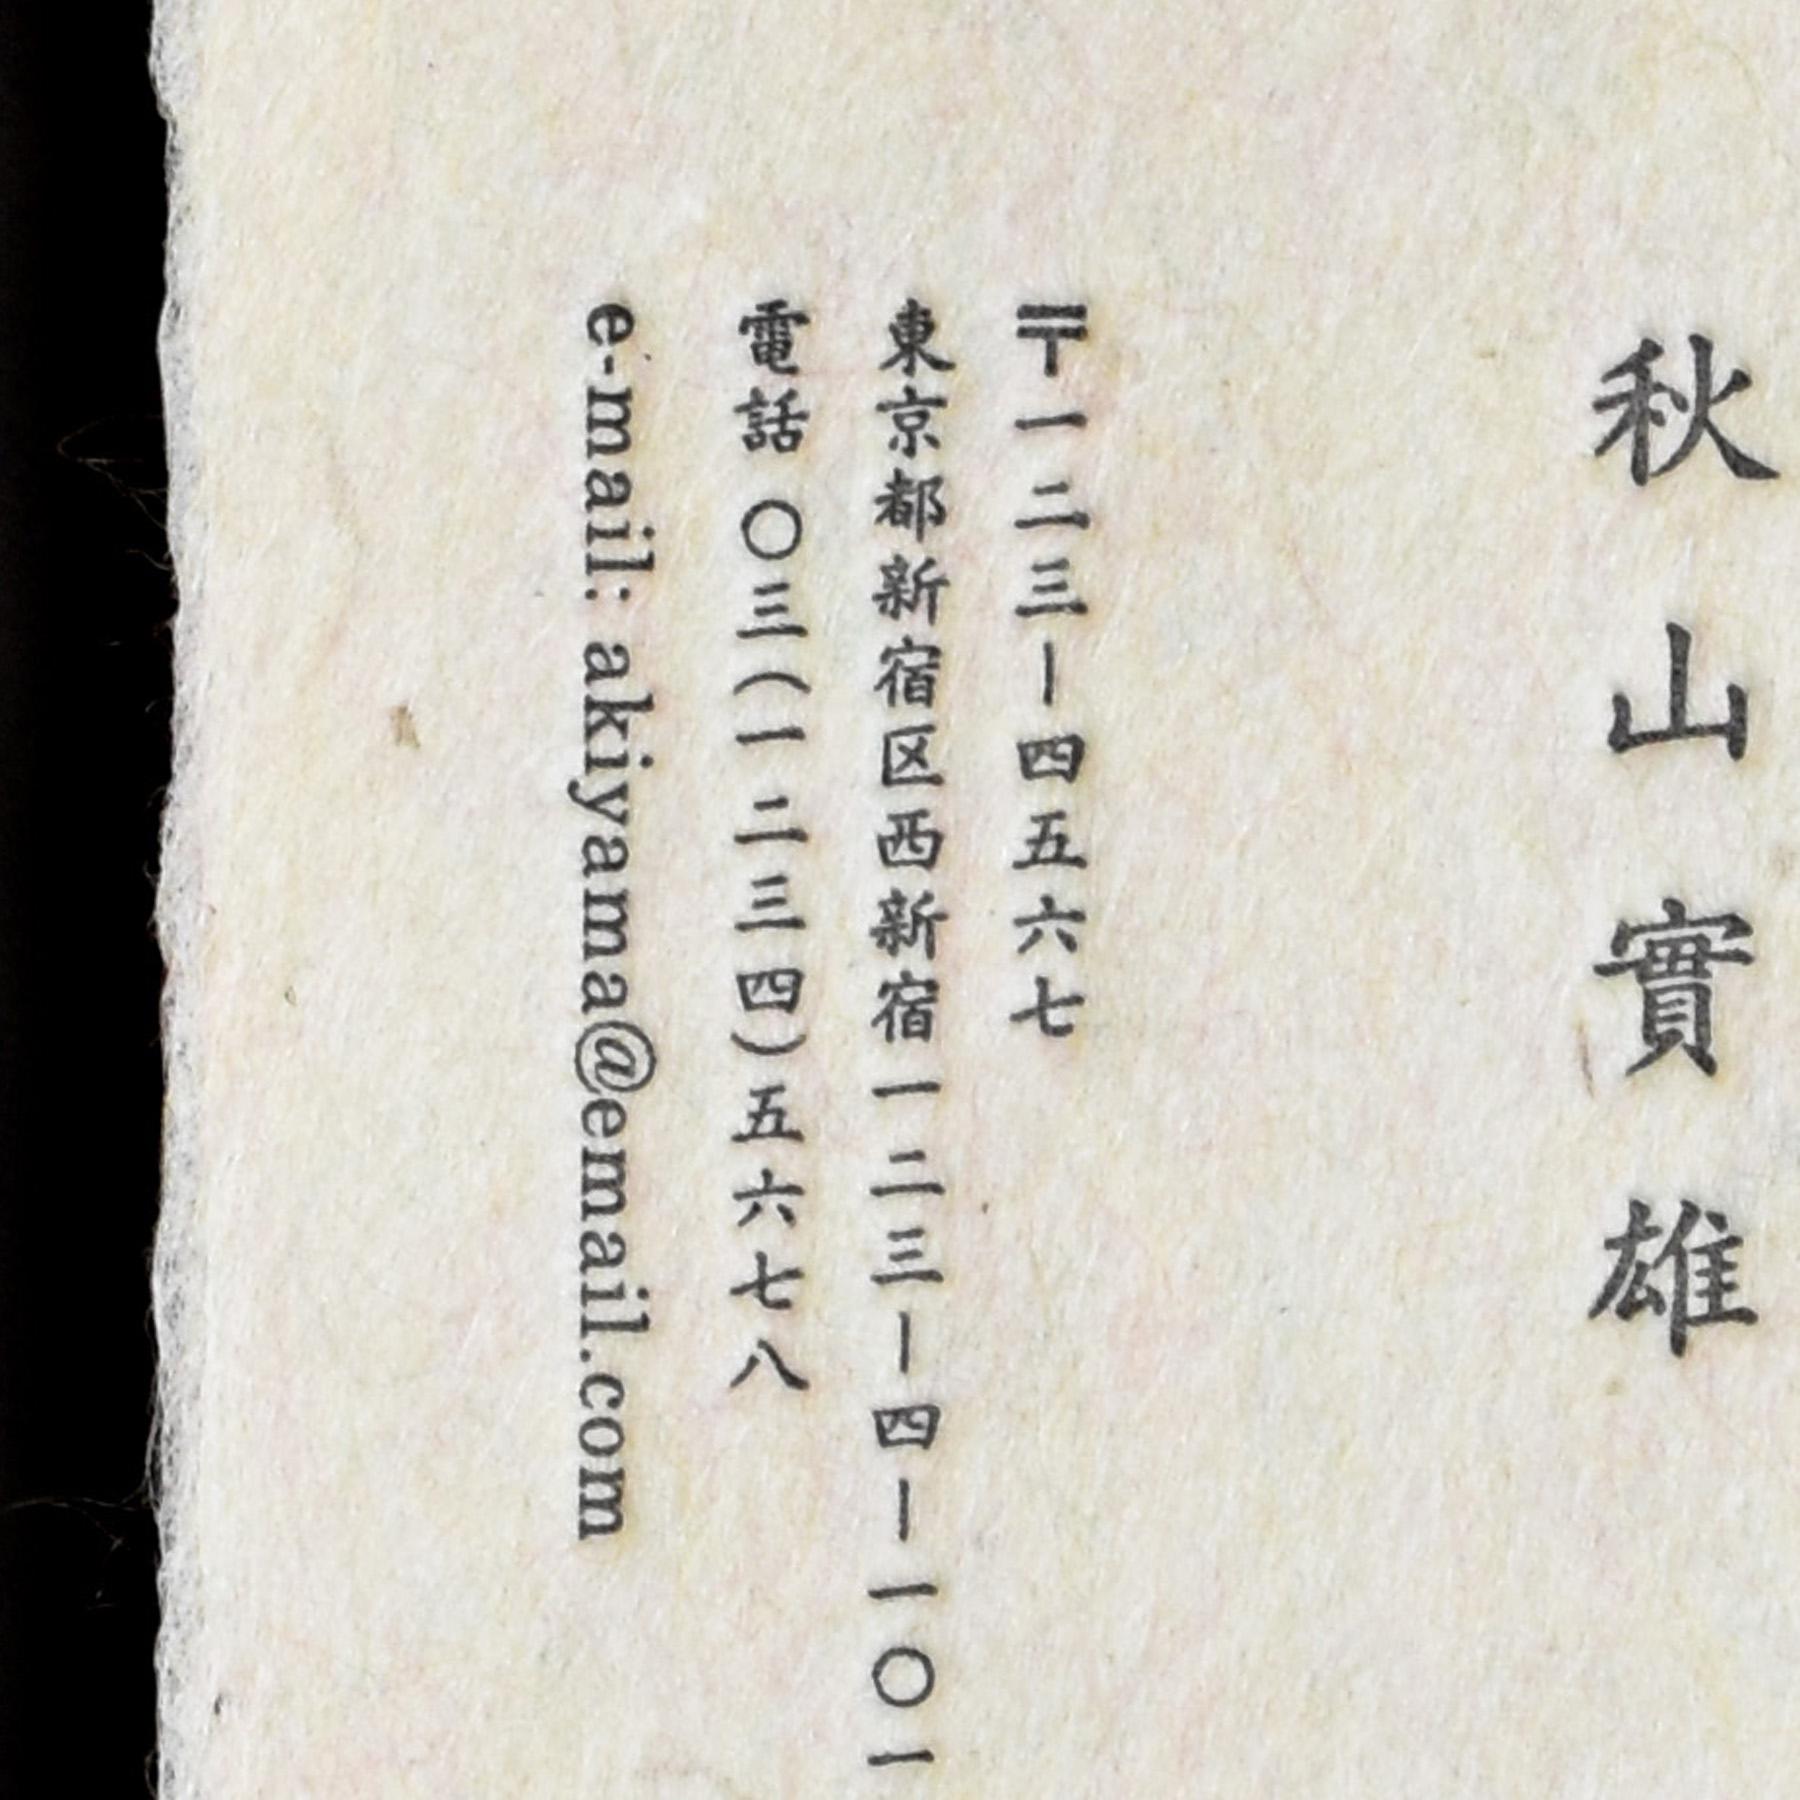 小原和紙の活版印刷名刺2